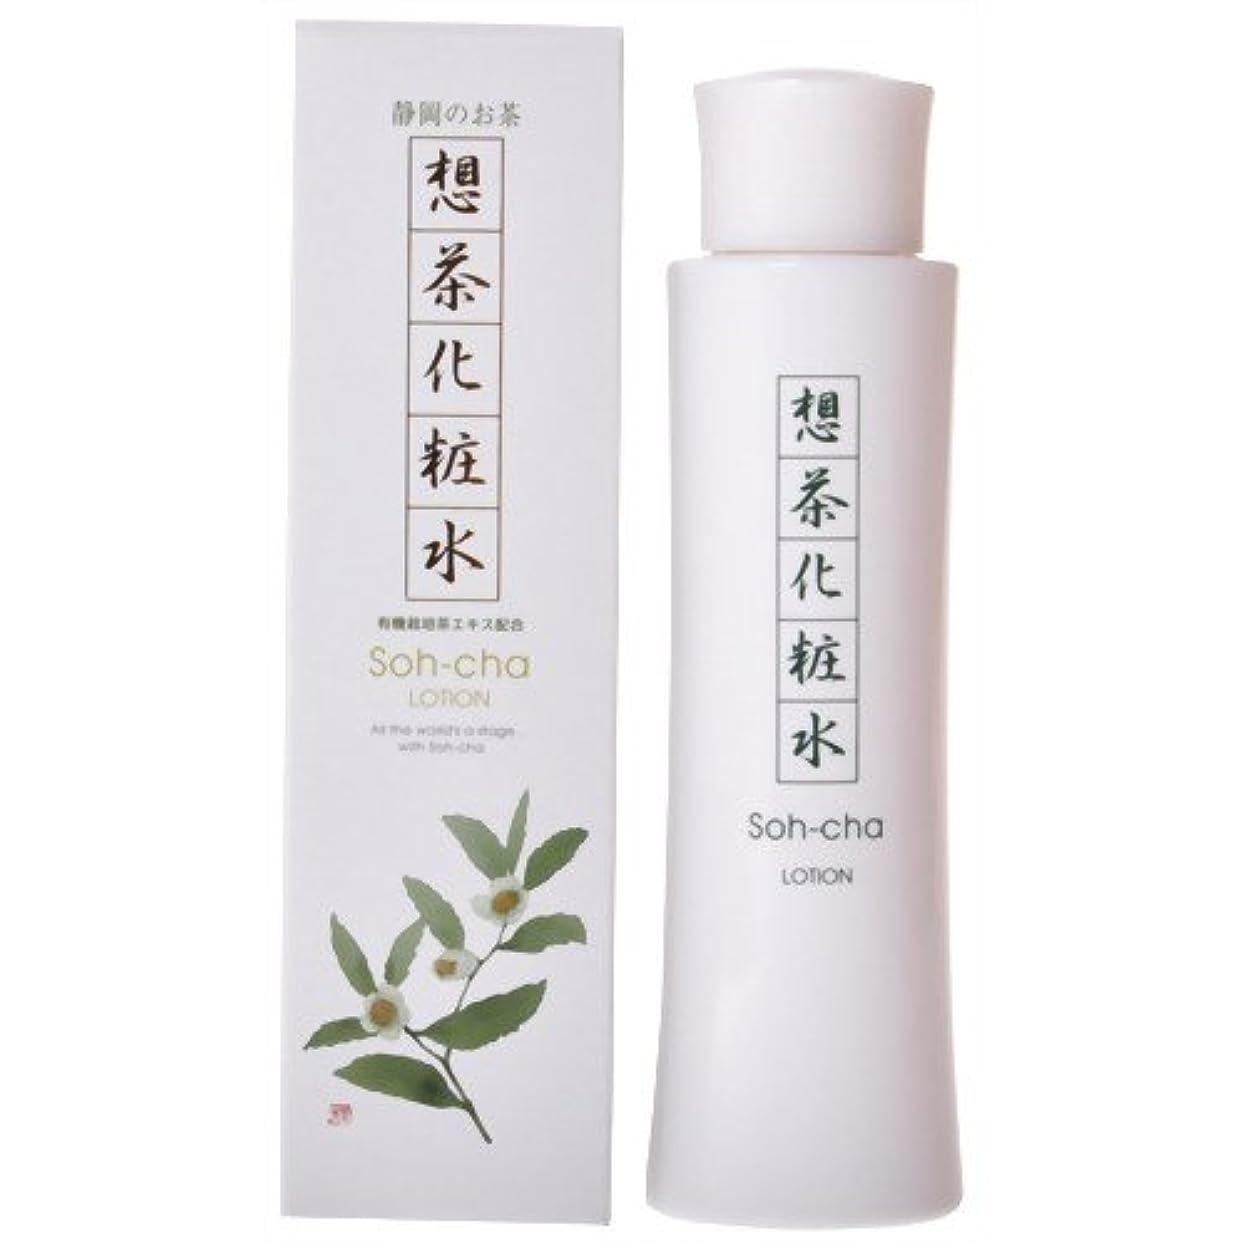 ファーザーファージュ韓国寄託想茶化粧水 150ml